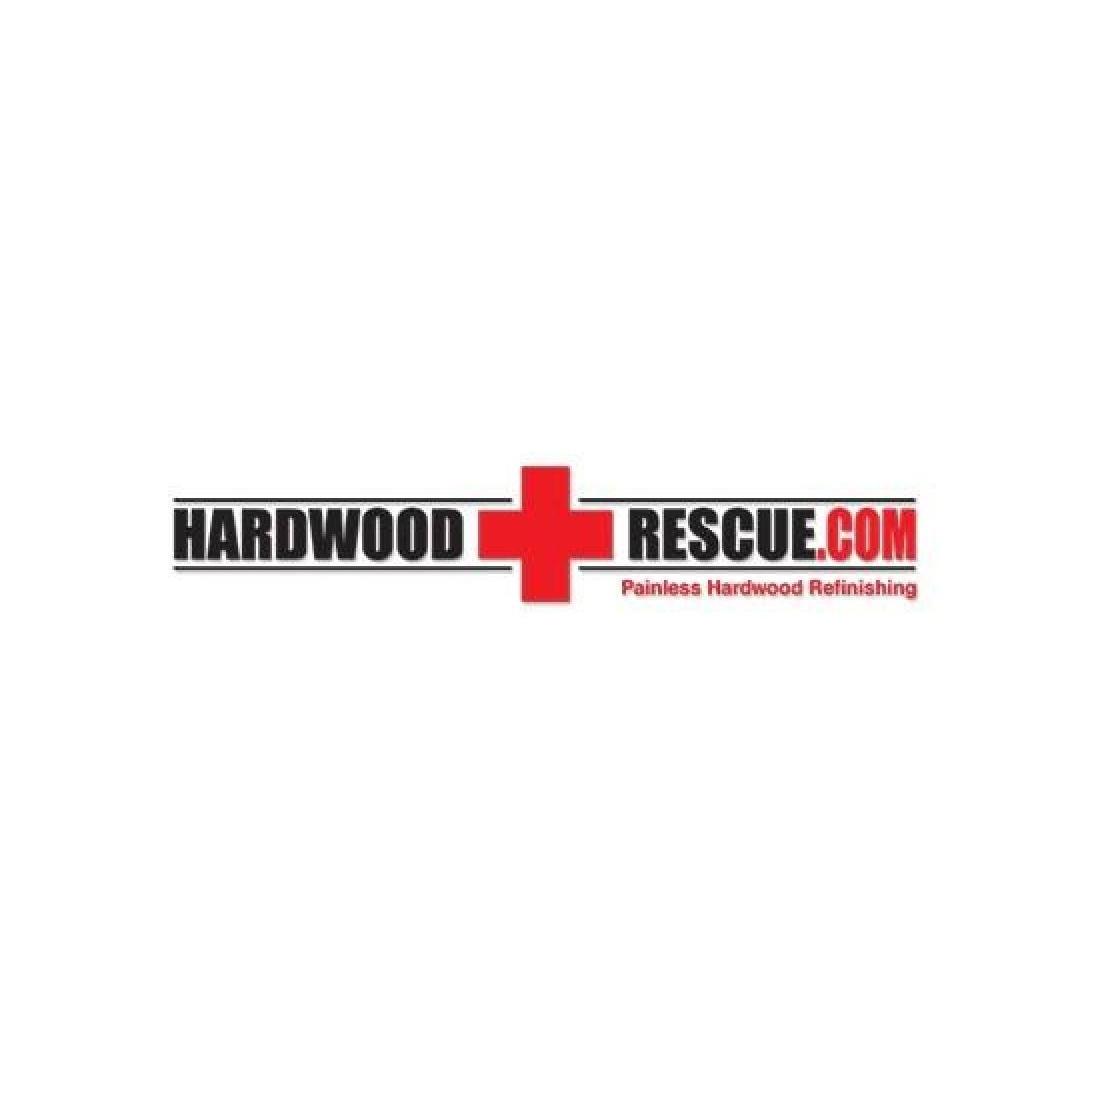 Hardwood Rescue